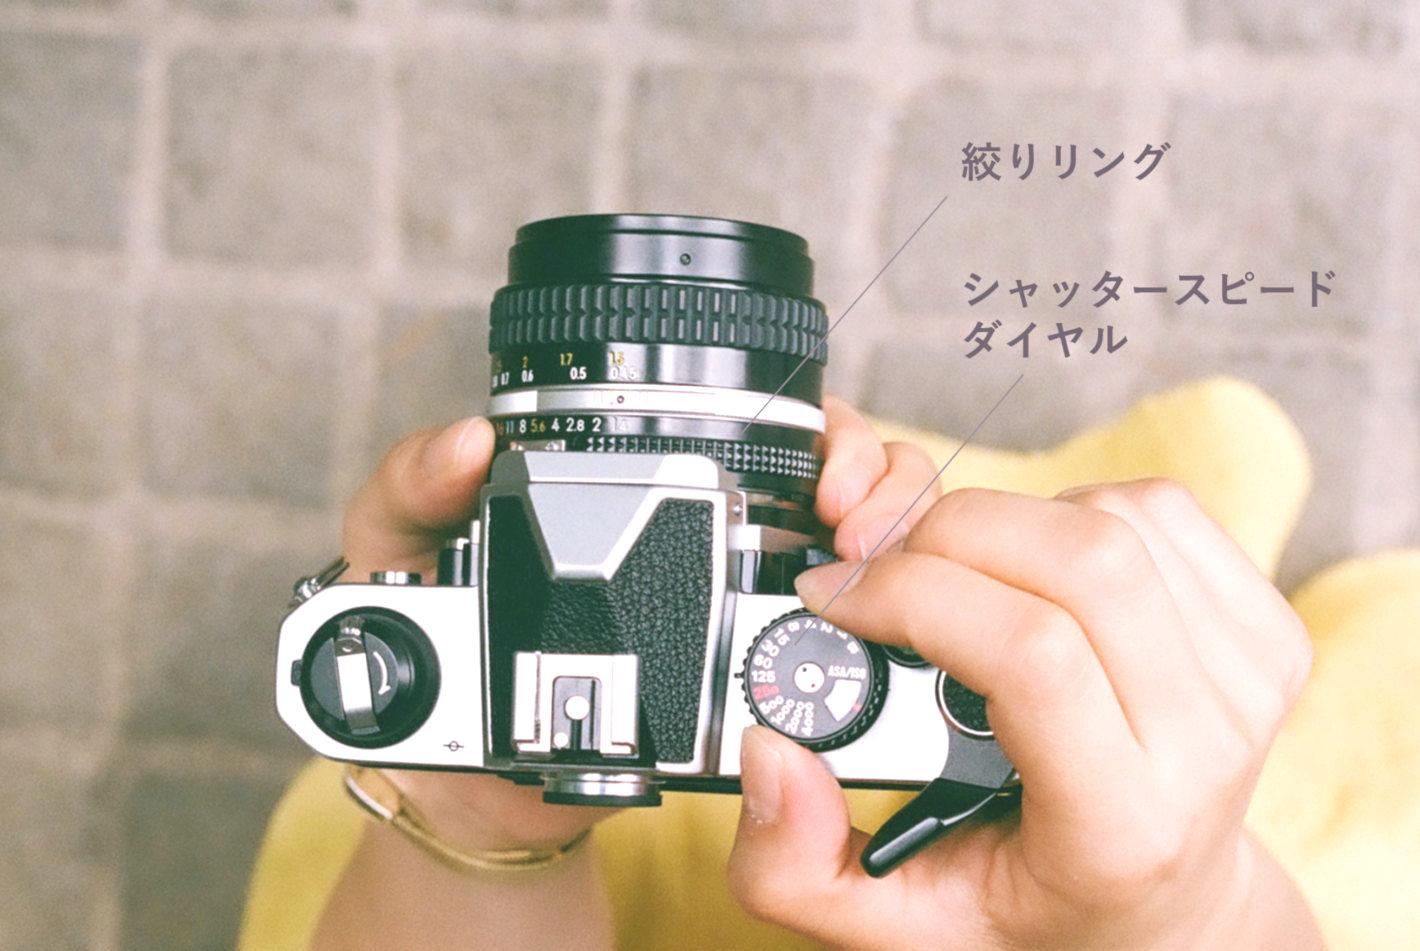 【操作】はじめてでも意外と簡単!?フィルムカメラの基本の使い方